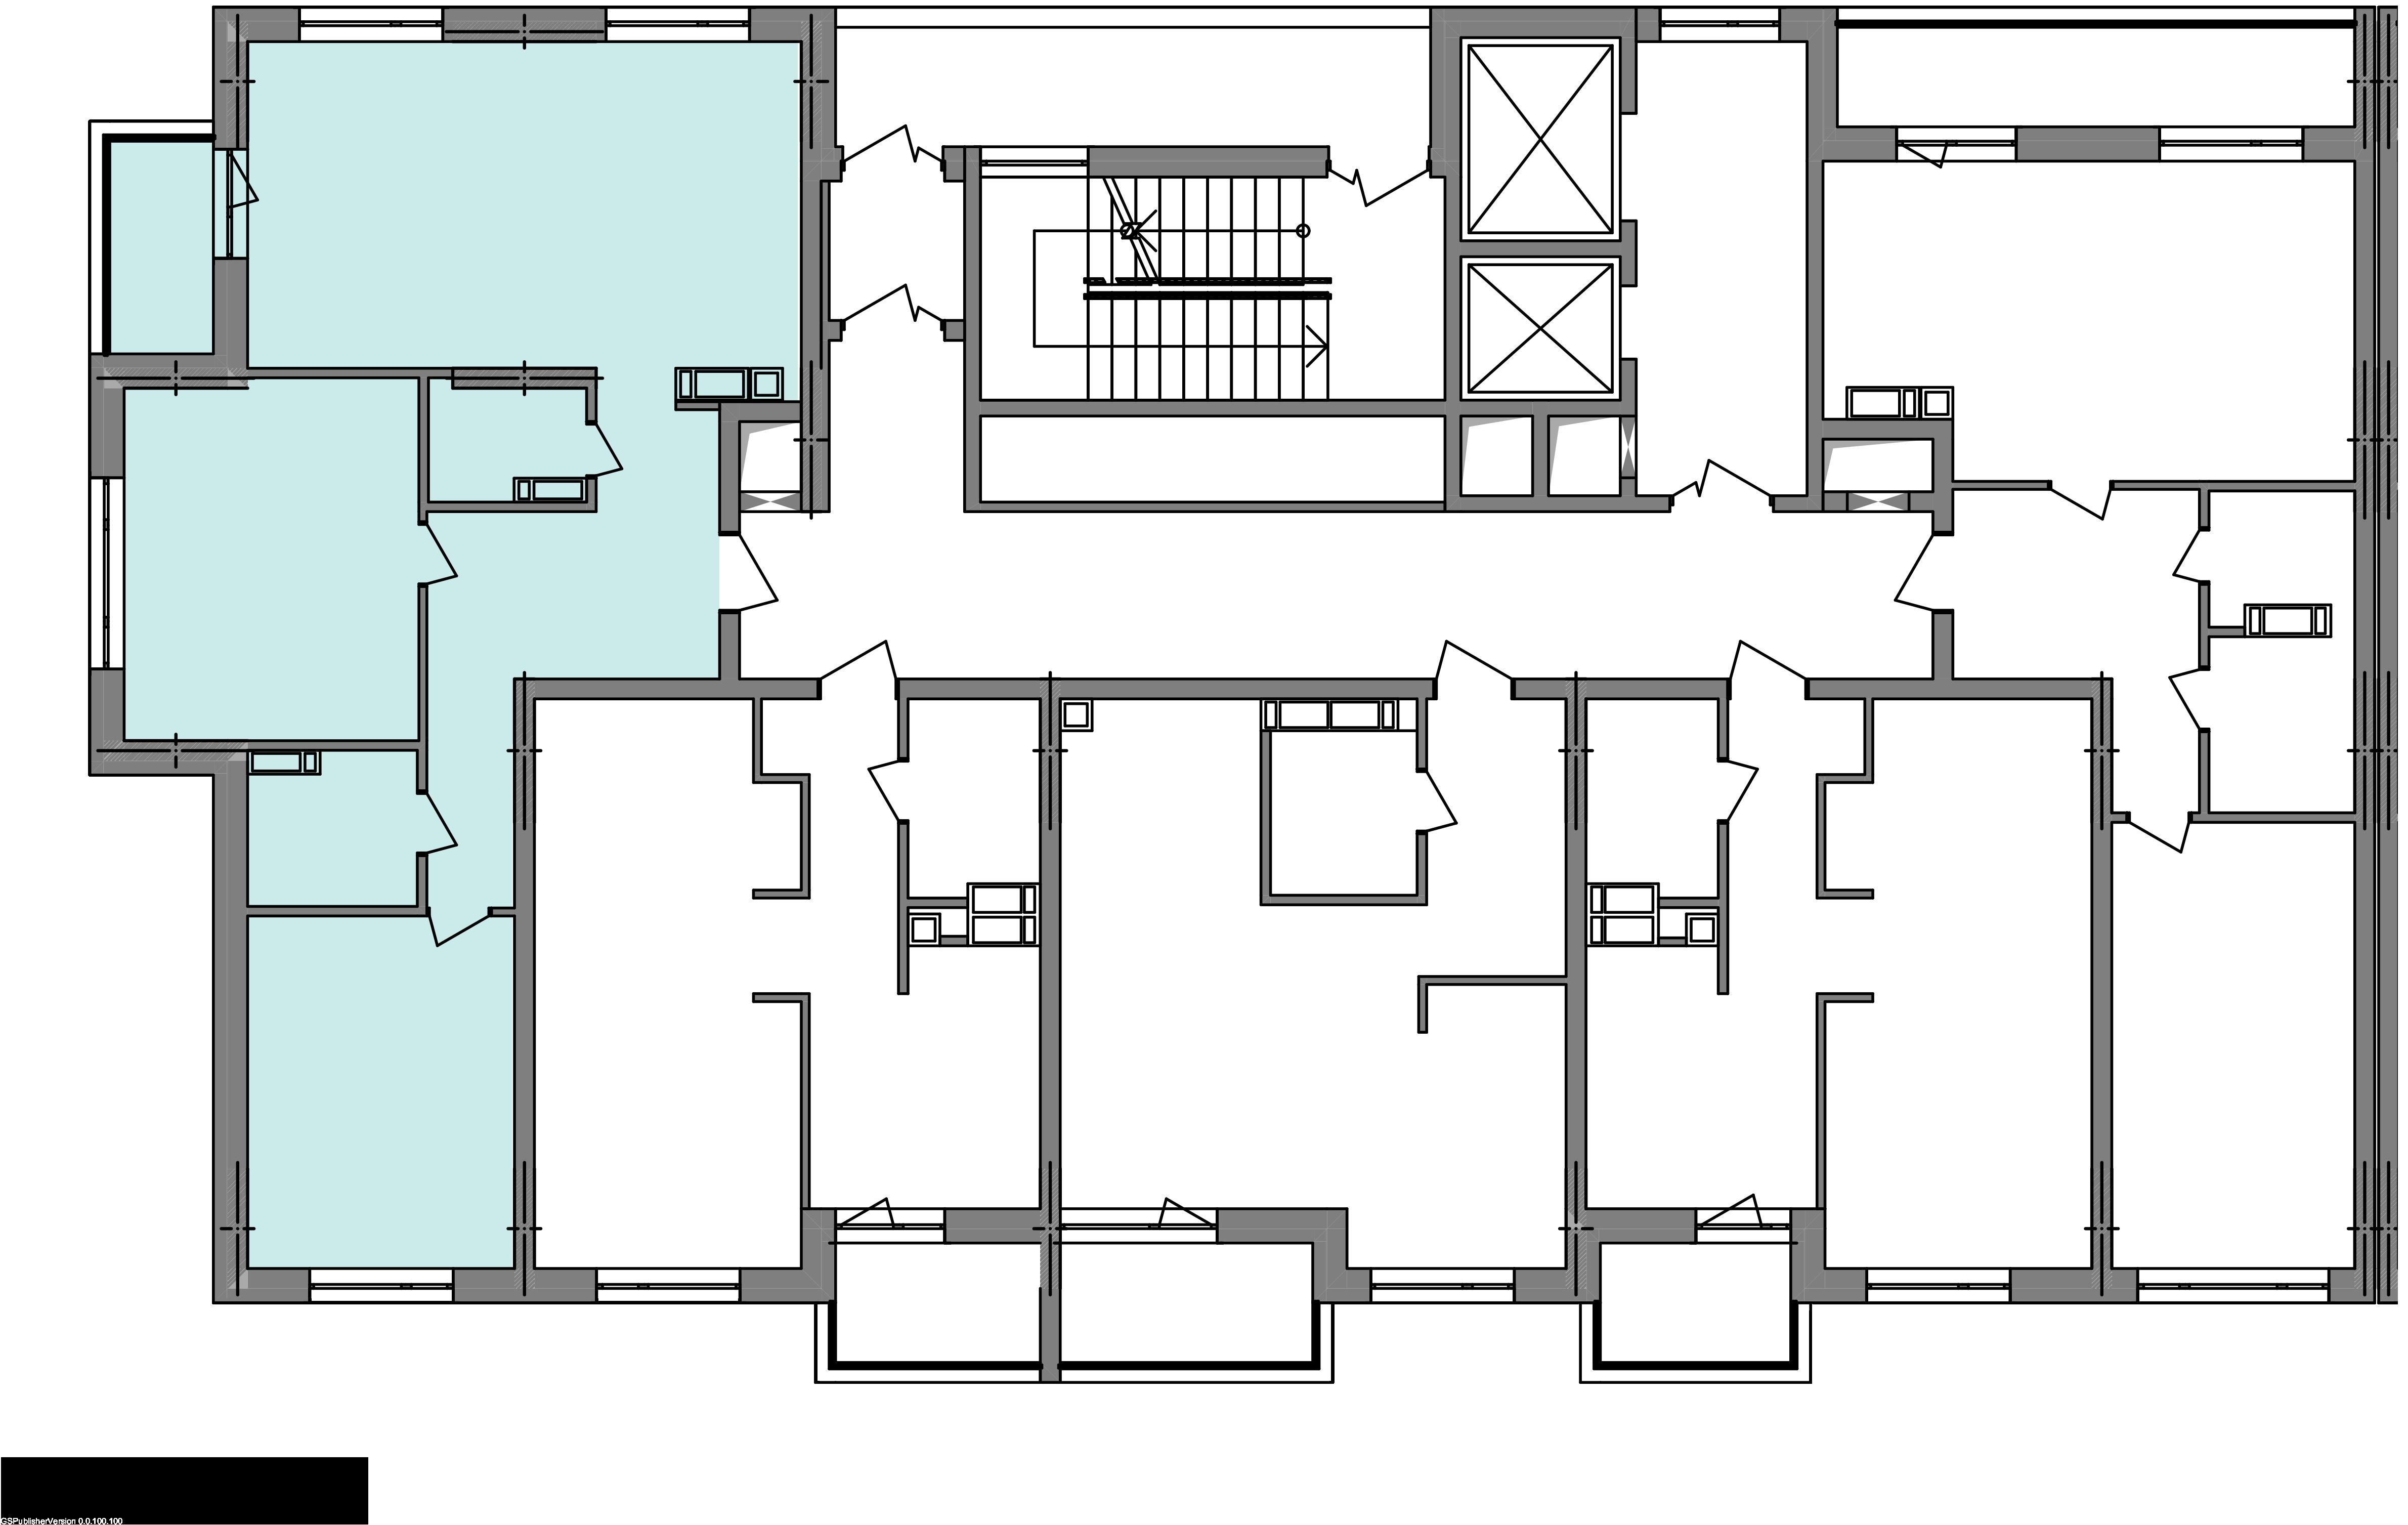 Трехкомнатная квартира 78,31 кв.м., тип 3.2, дом  3, секция 1 расположение на этаже